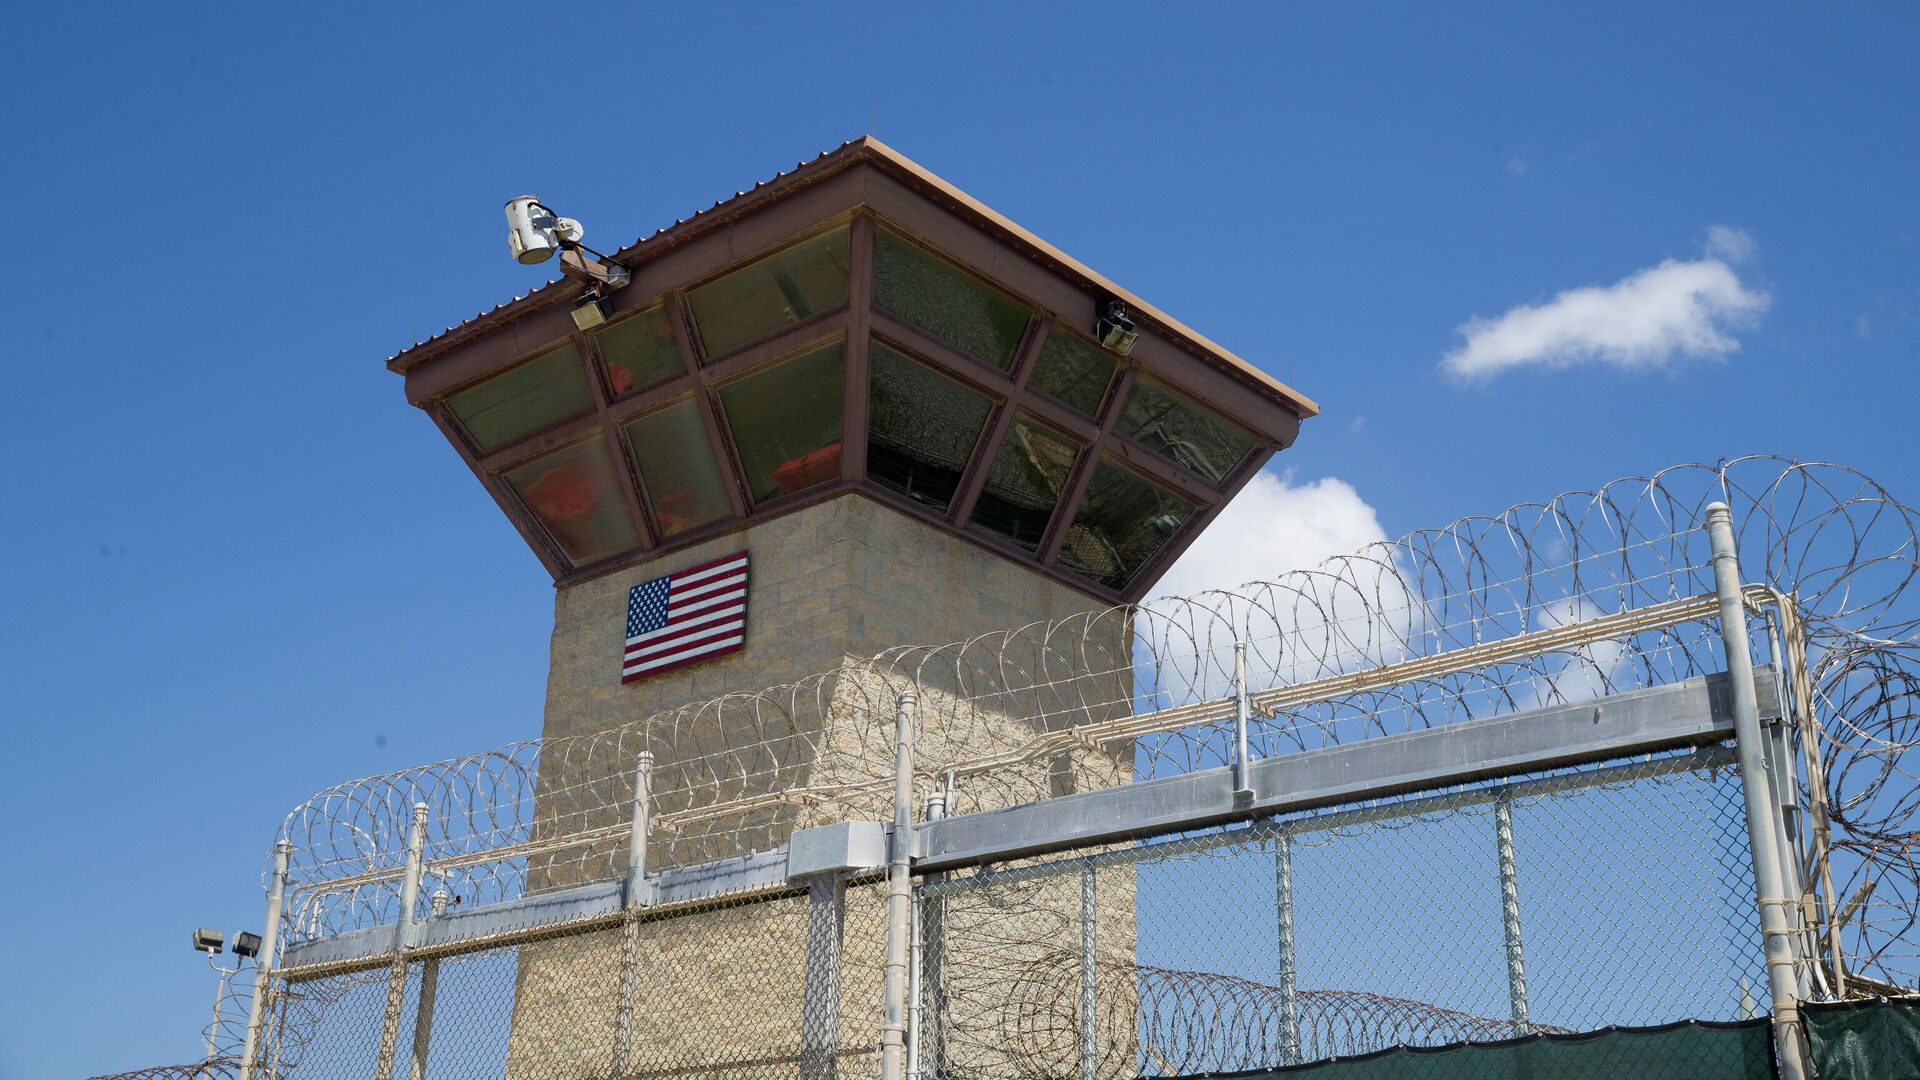 Torre de control del Campo 6 del centro de detención que tiene en la Bahía de Guantánamo - Sputnik Mundo, 1920, 23.09.2021